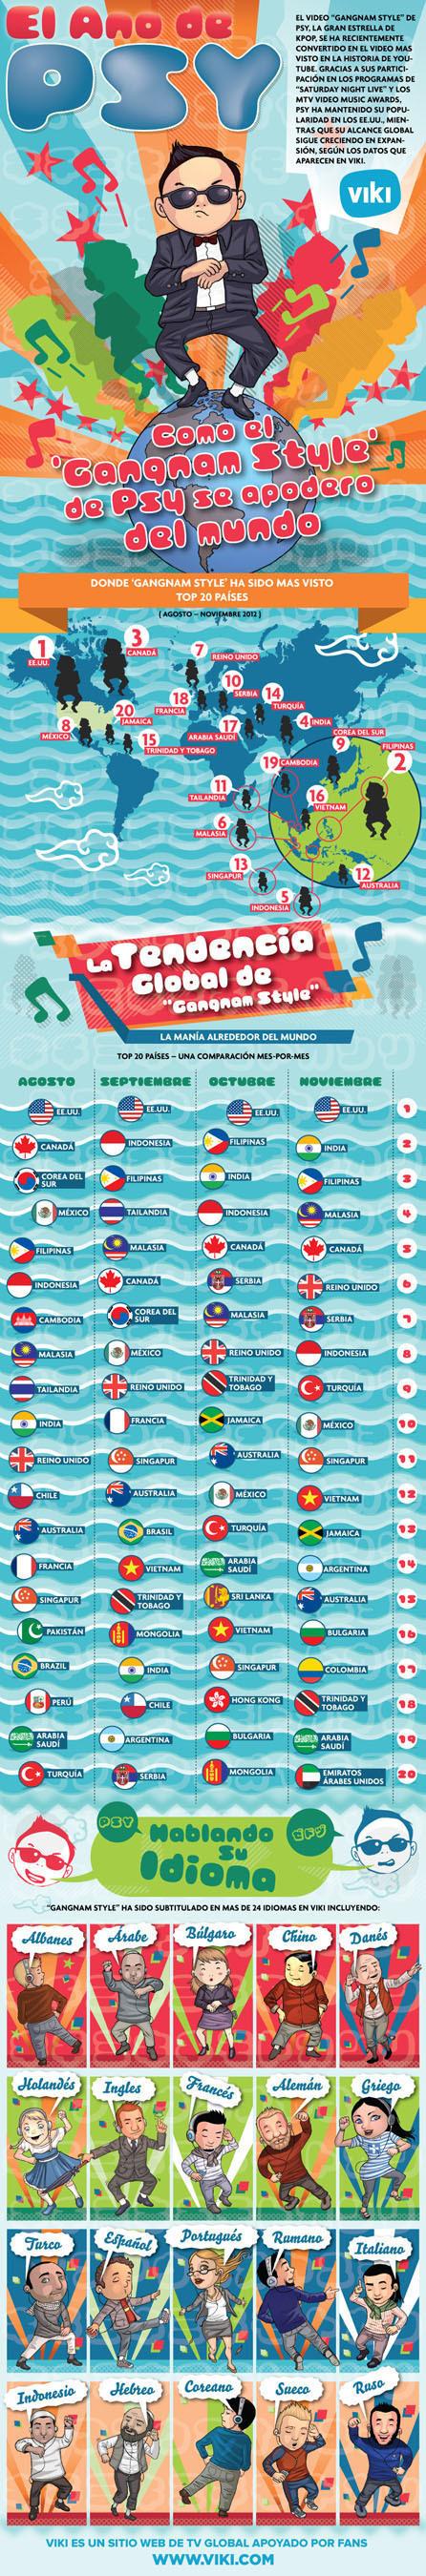 Viki, el sitio de TV global impulsado por los fans, publico en el dia de hoy una infografia que revela el modo ...